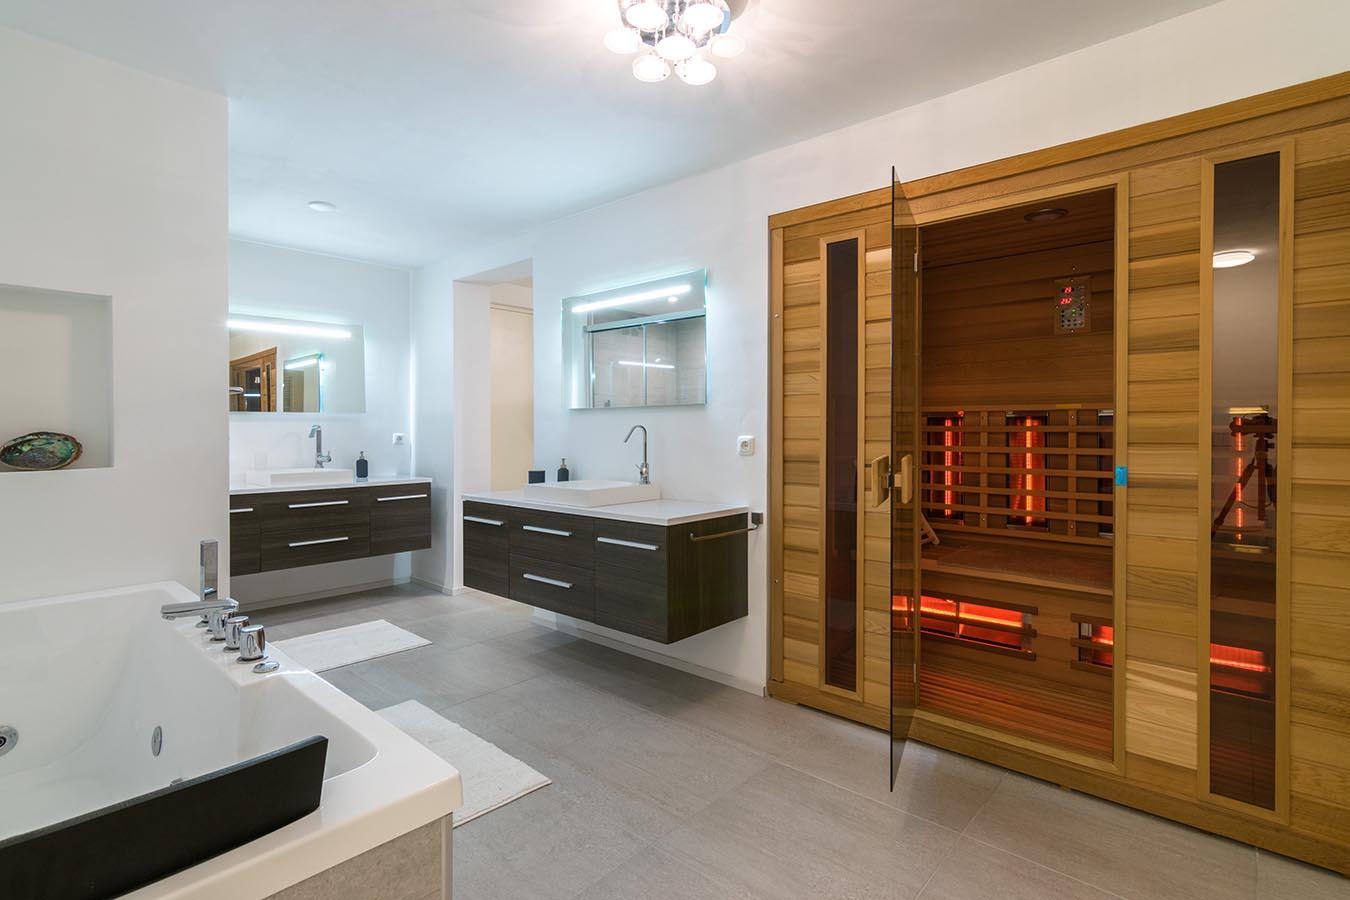 saune in een badkamer